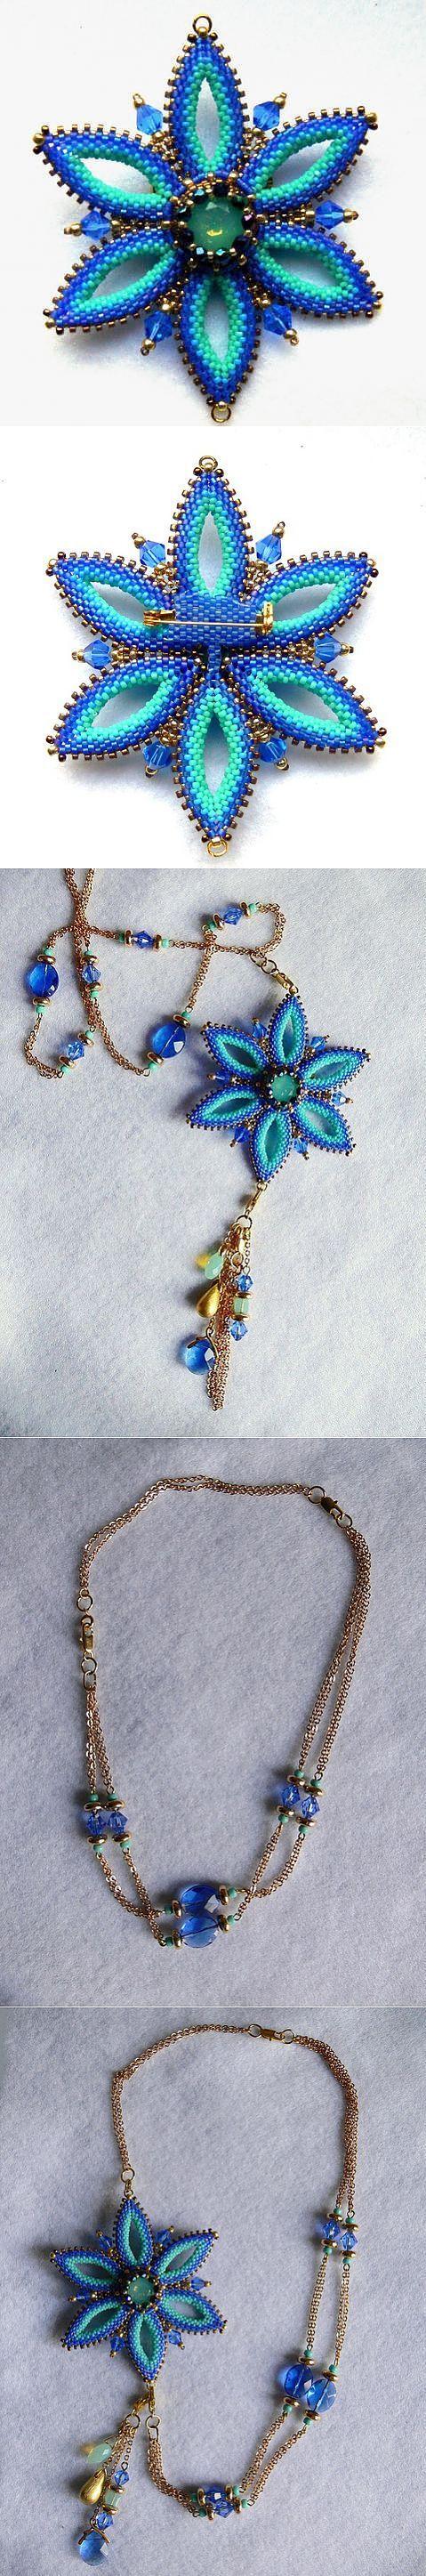 Синяя звезда: украшение-трансформер   biser.info - всё о бисере и бисерном творчестве